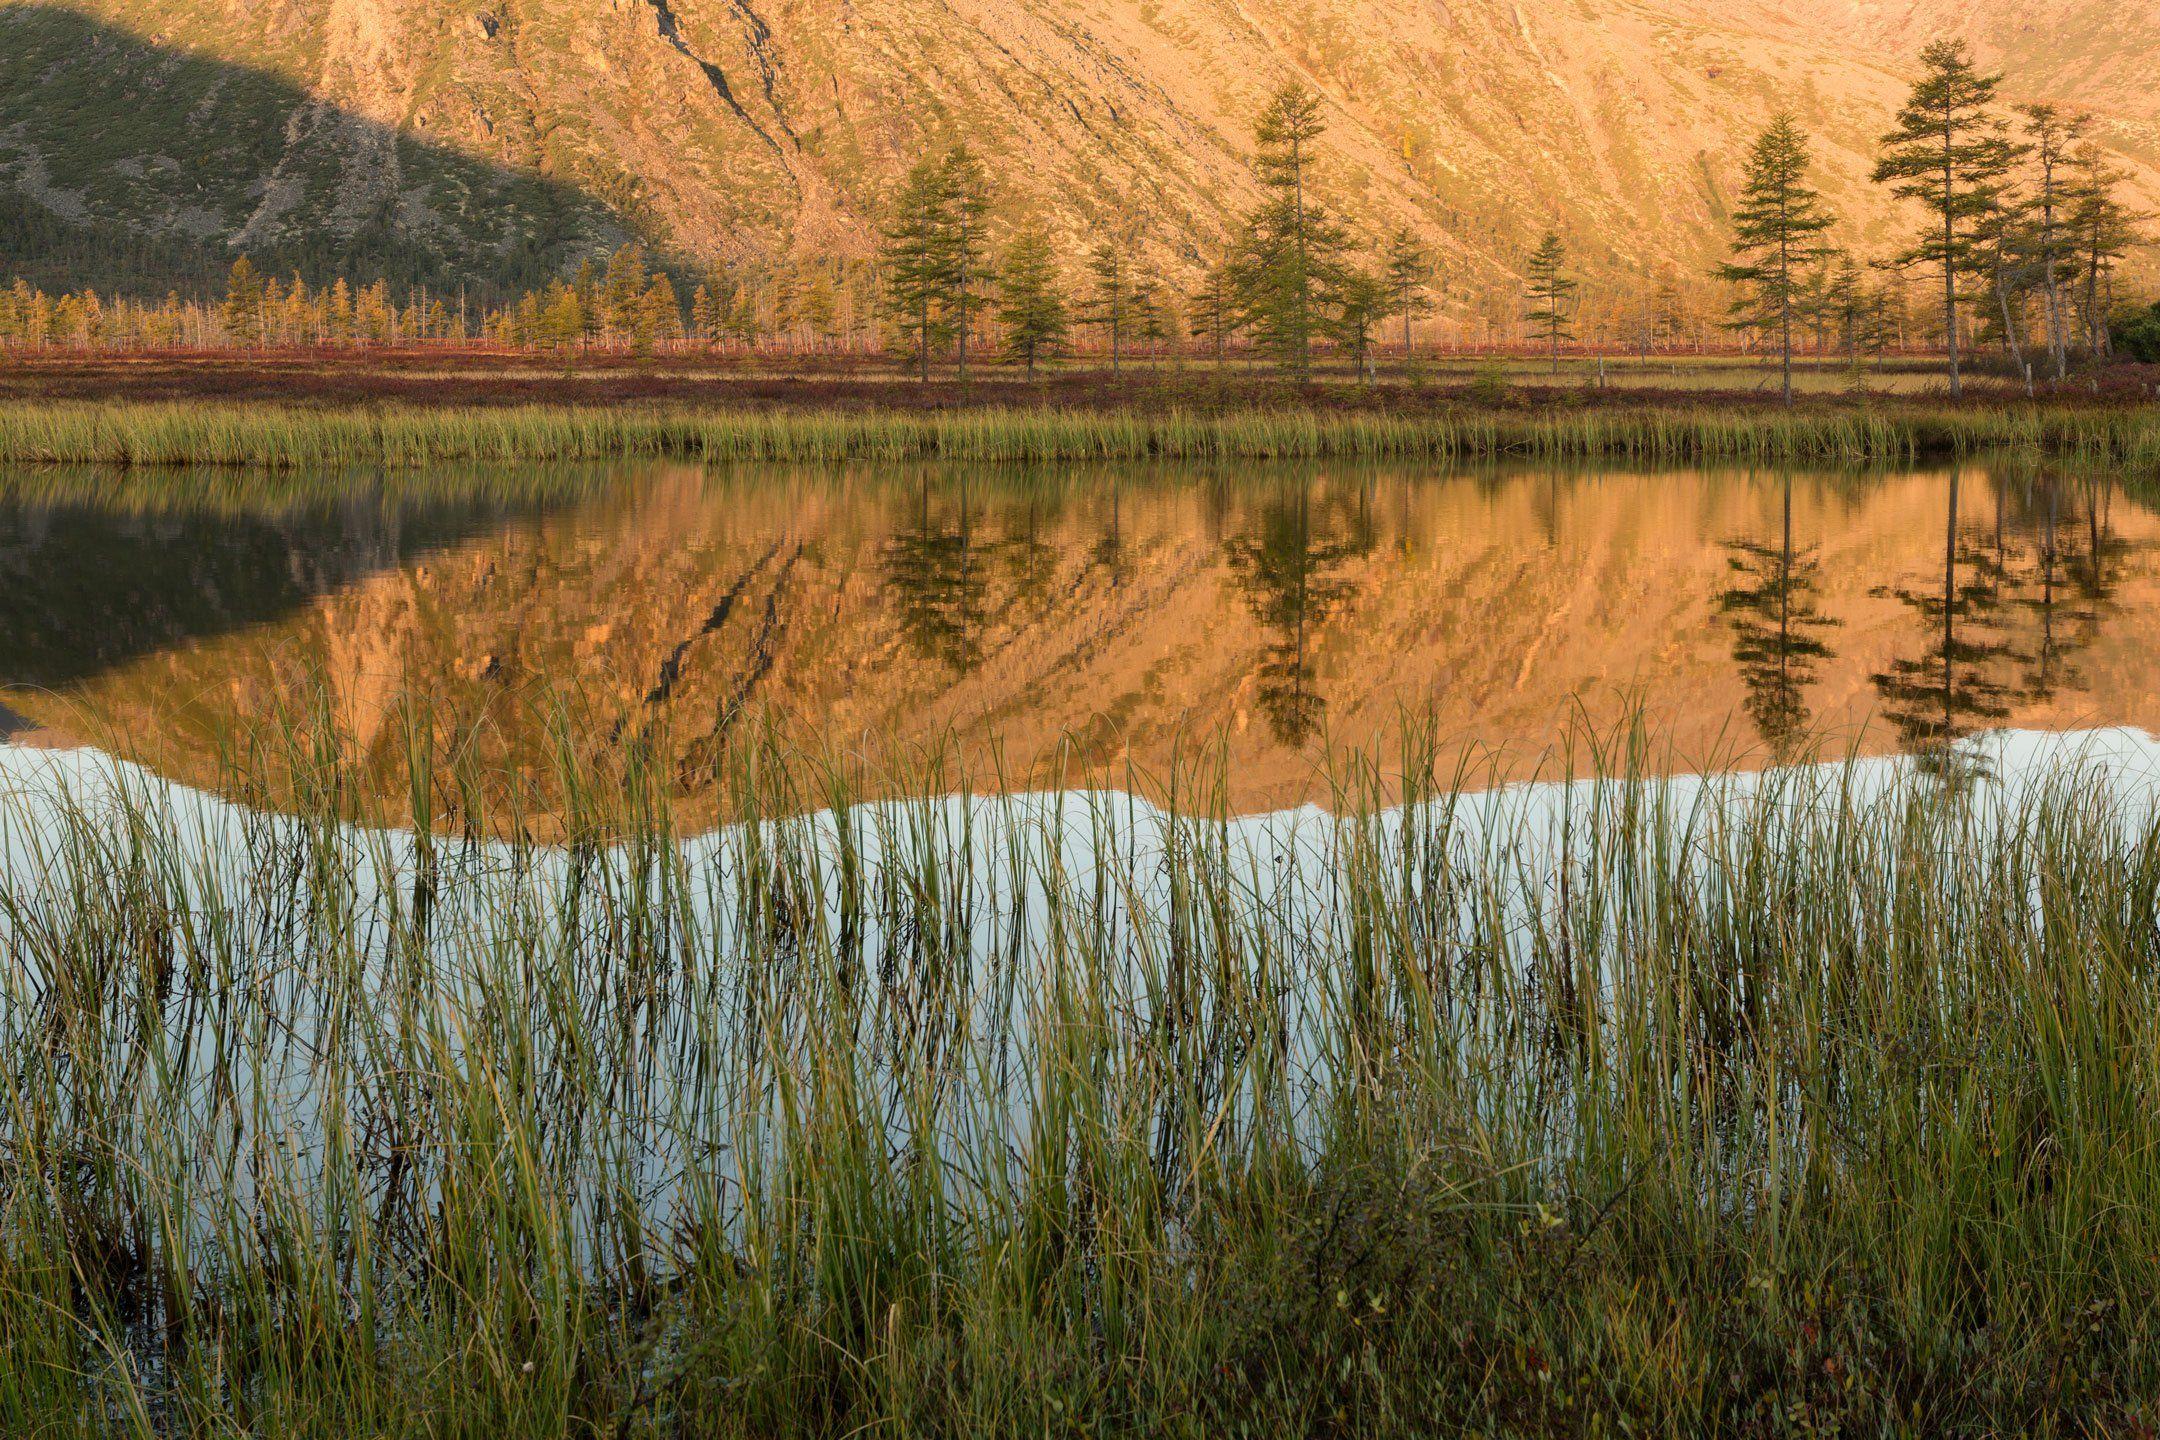 озеро, рассвет, тишина, отражение, деревья, трава, утро, горы, колыма, дальний восток, антон селезнев, осень, Антон Селезнев